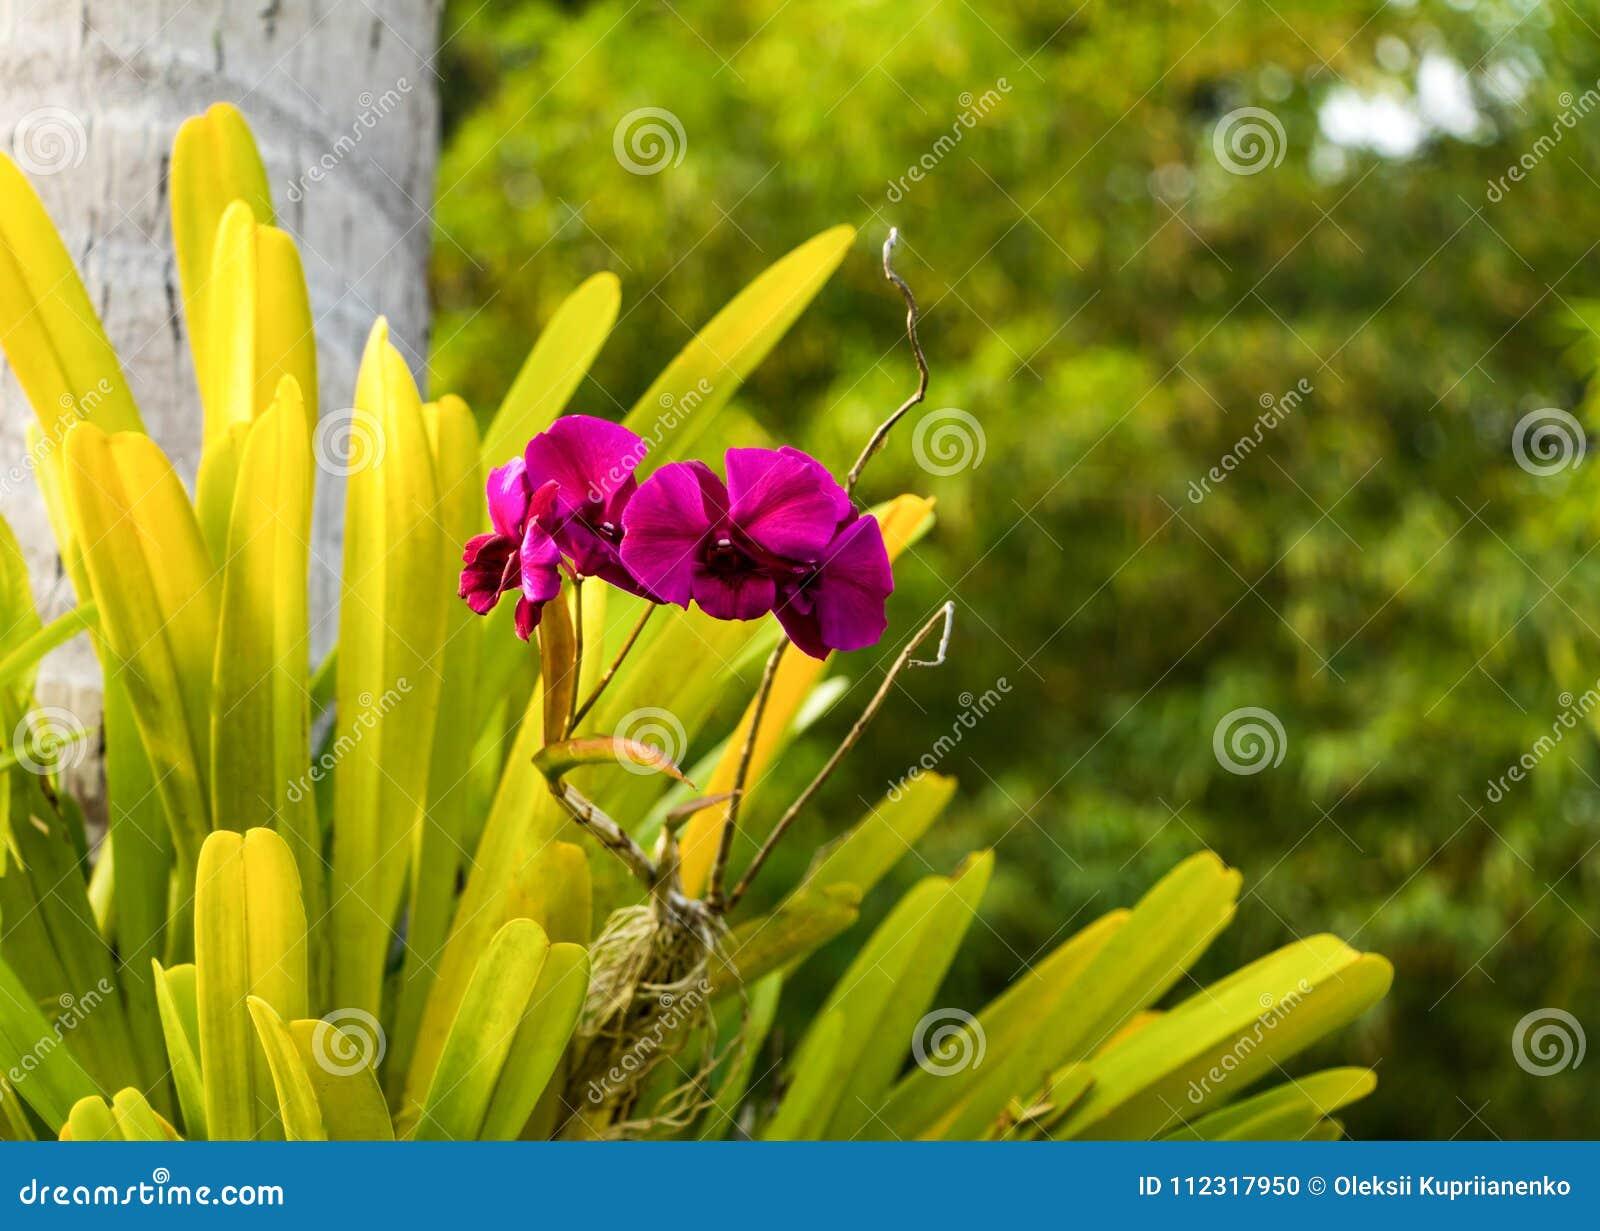 Carta Da Parati Foresta Tropicale : Bella orchidea selvatica che cresce sullalbero carta da parati